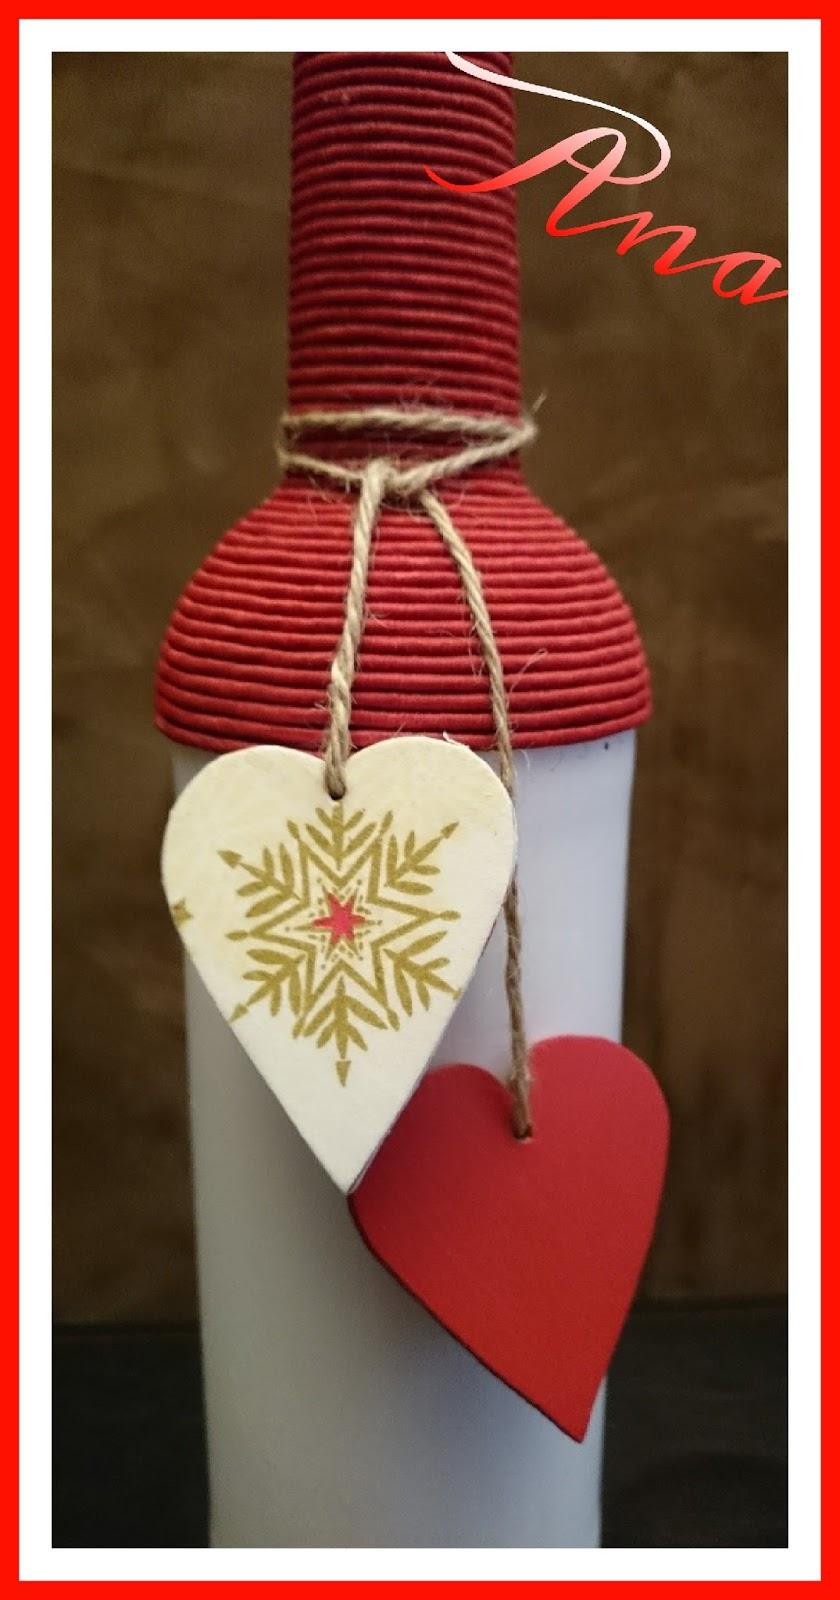 Un rinkon de mi mundo botellas decoradas y feliz navidad for Botellas de vidrio decoradas para navidad